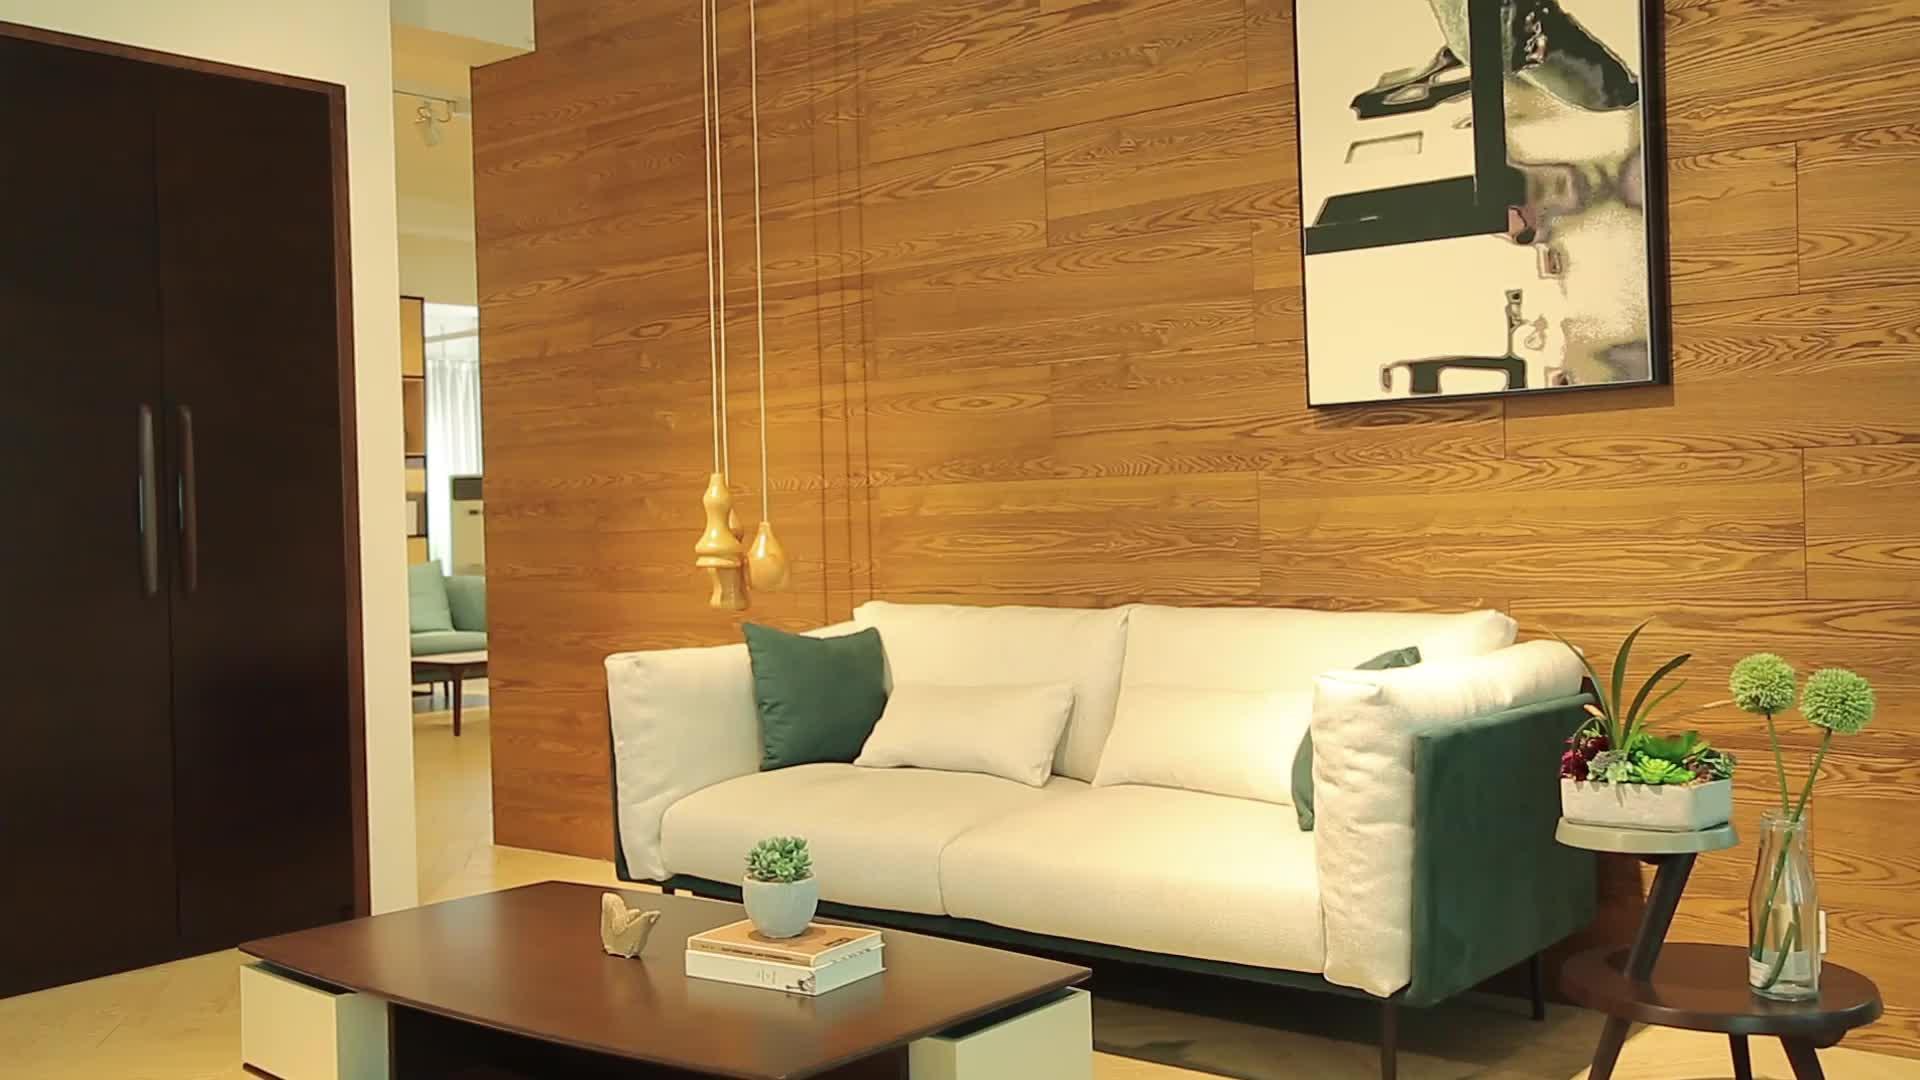 Barato moderno nórdica sofá muebles de sala de marco de madera maciza de 3 plazas sofá de tela con pluma